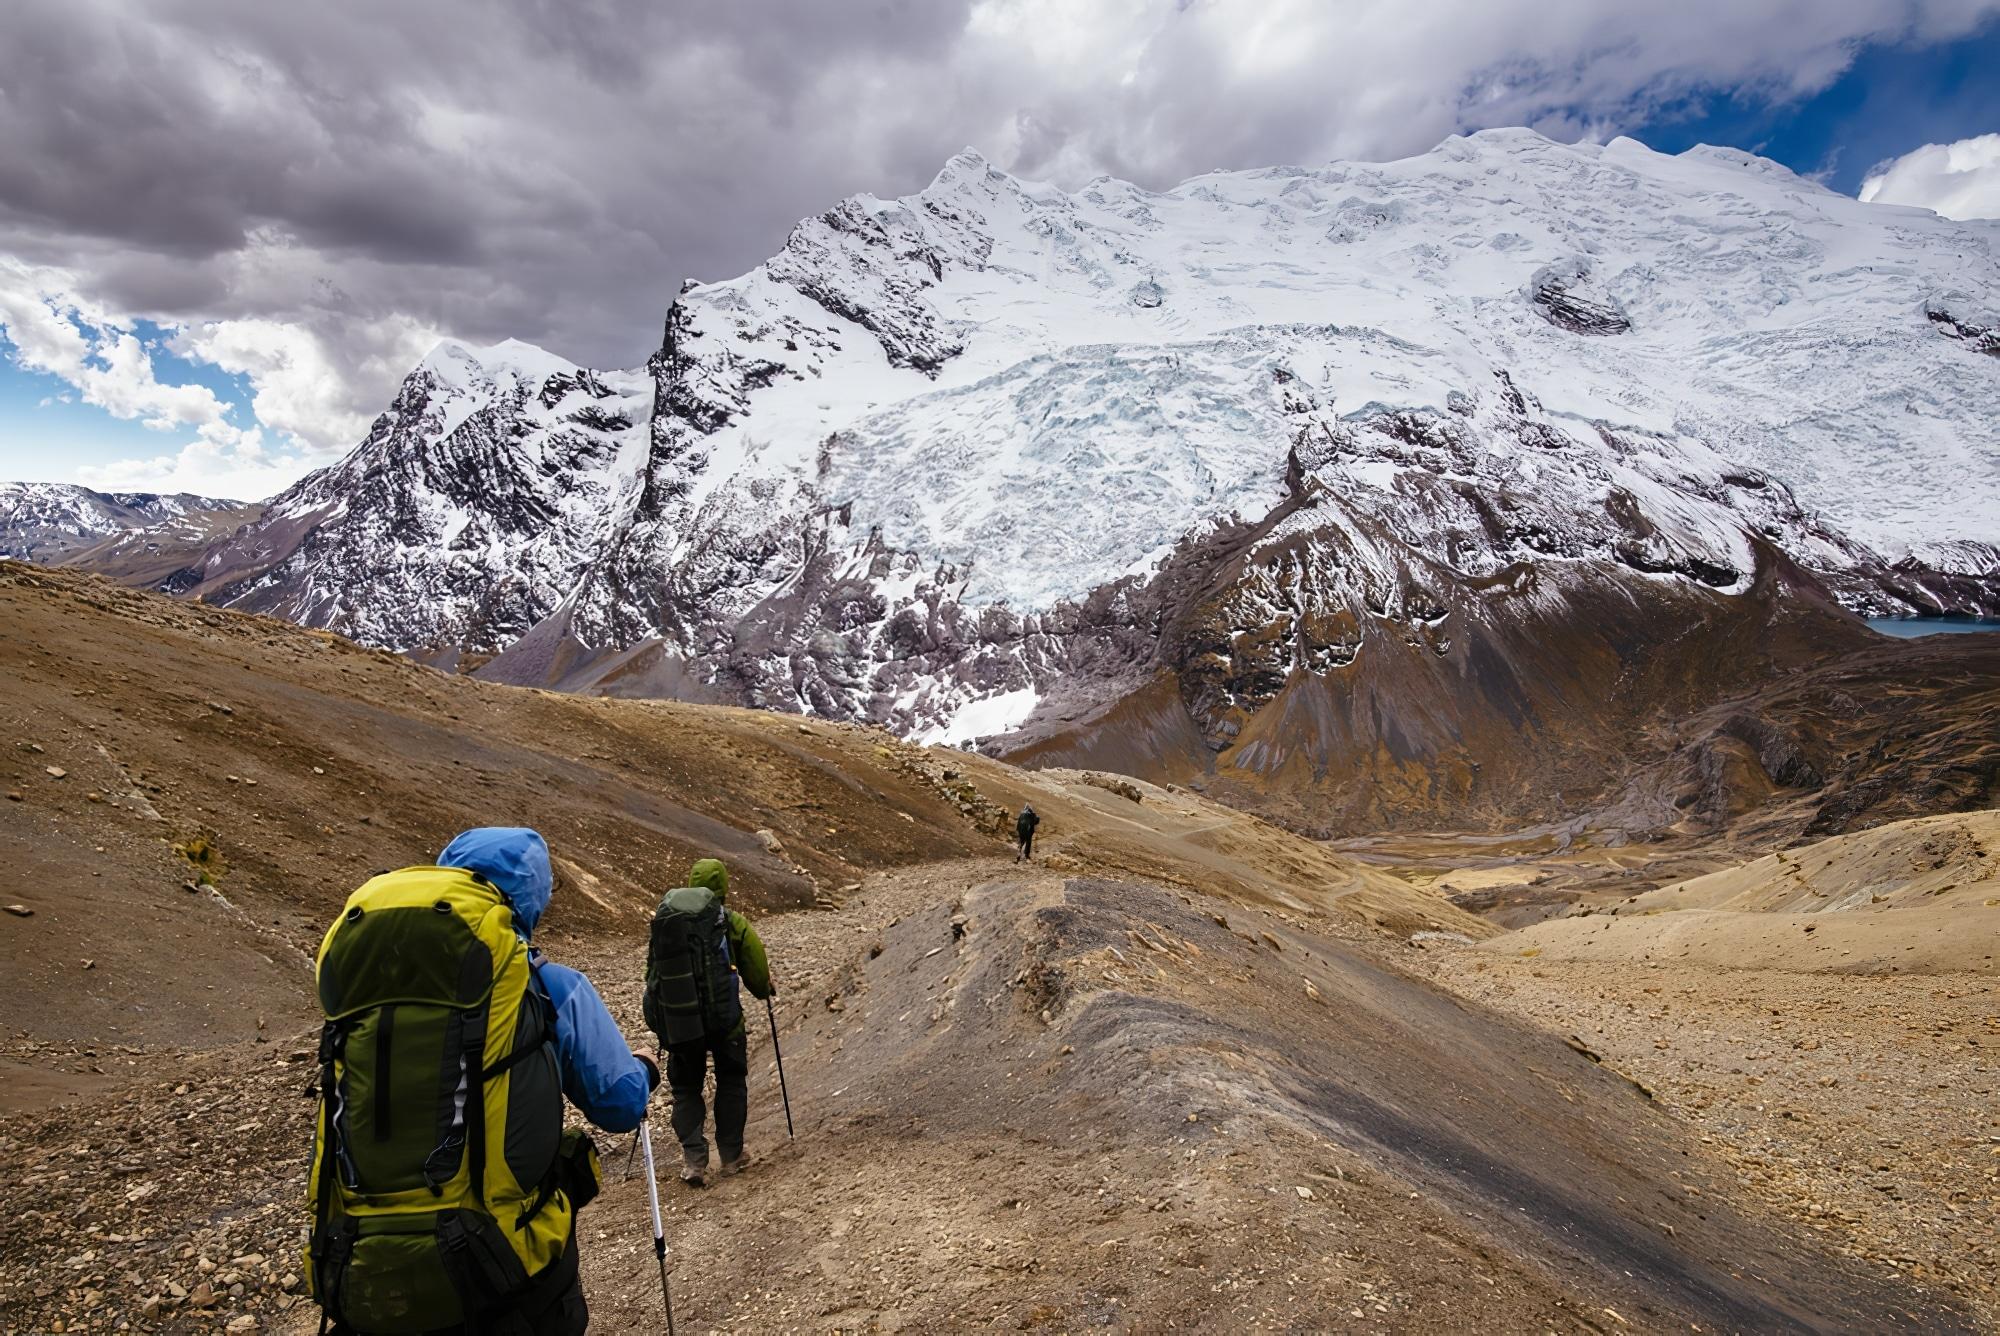 Visite en famille à travers les andes sauvages Ausangate Vilcanota Mountains Peru Amérique du Sud